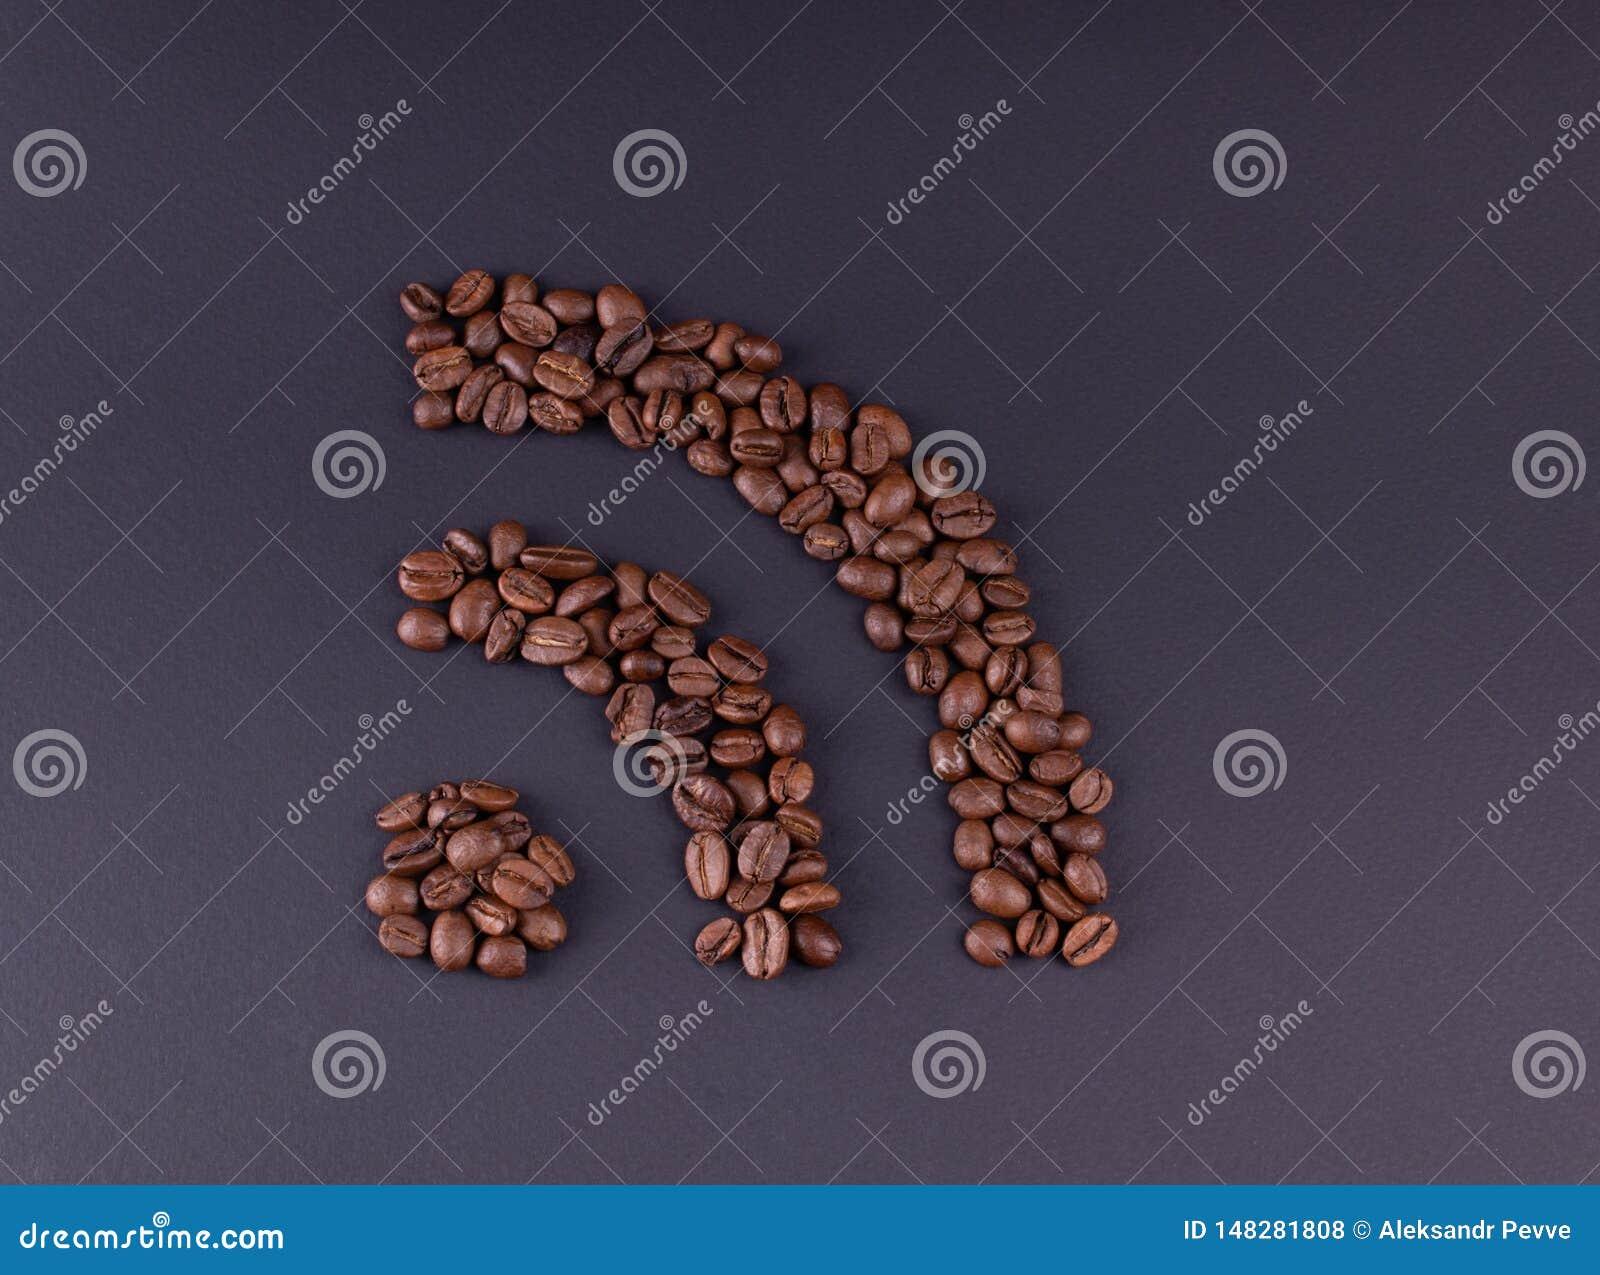 WI fi de signe ont présenté des graines de café sur un fond foncé